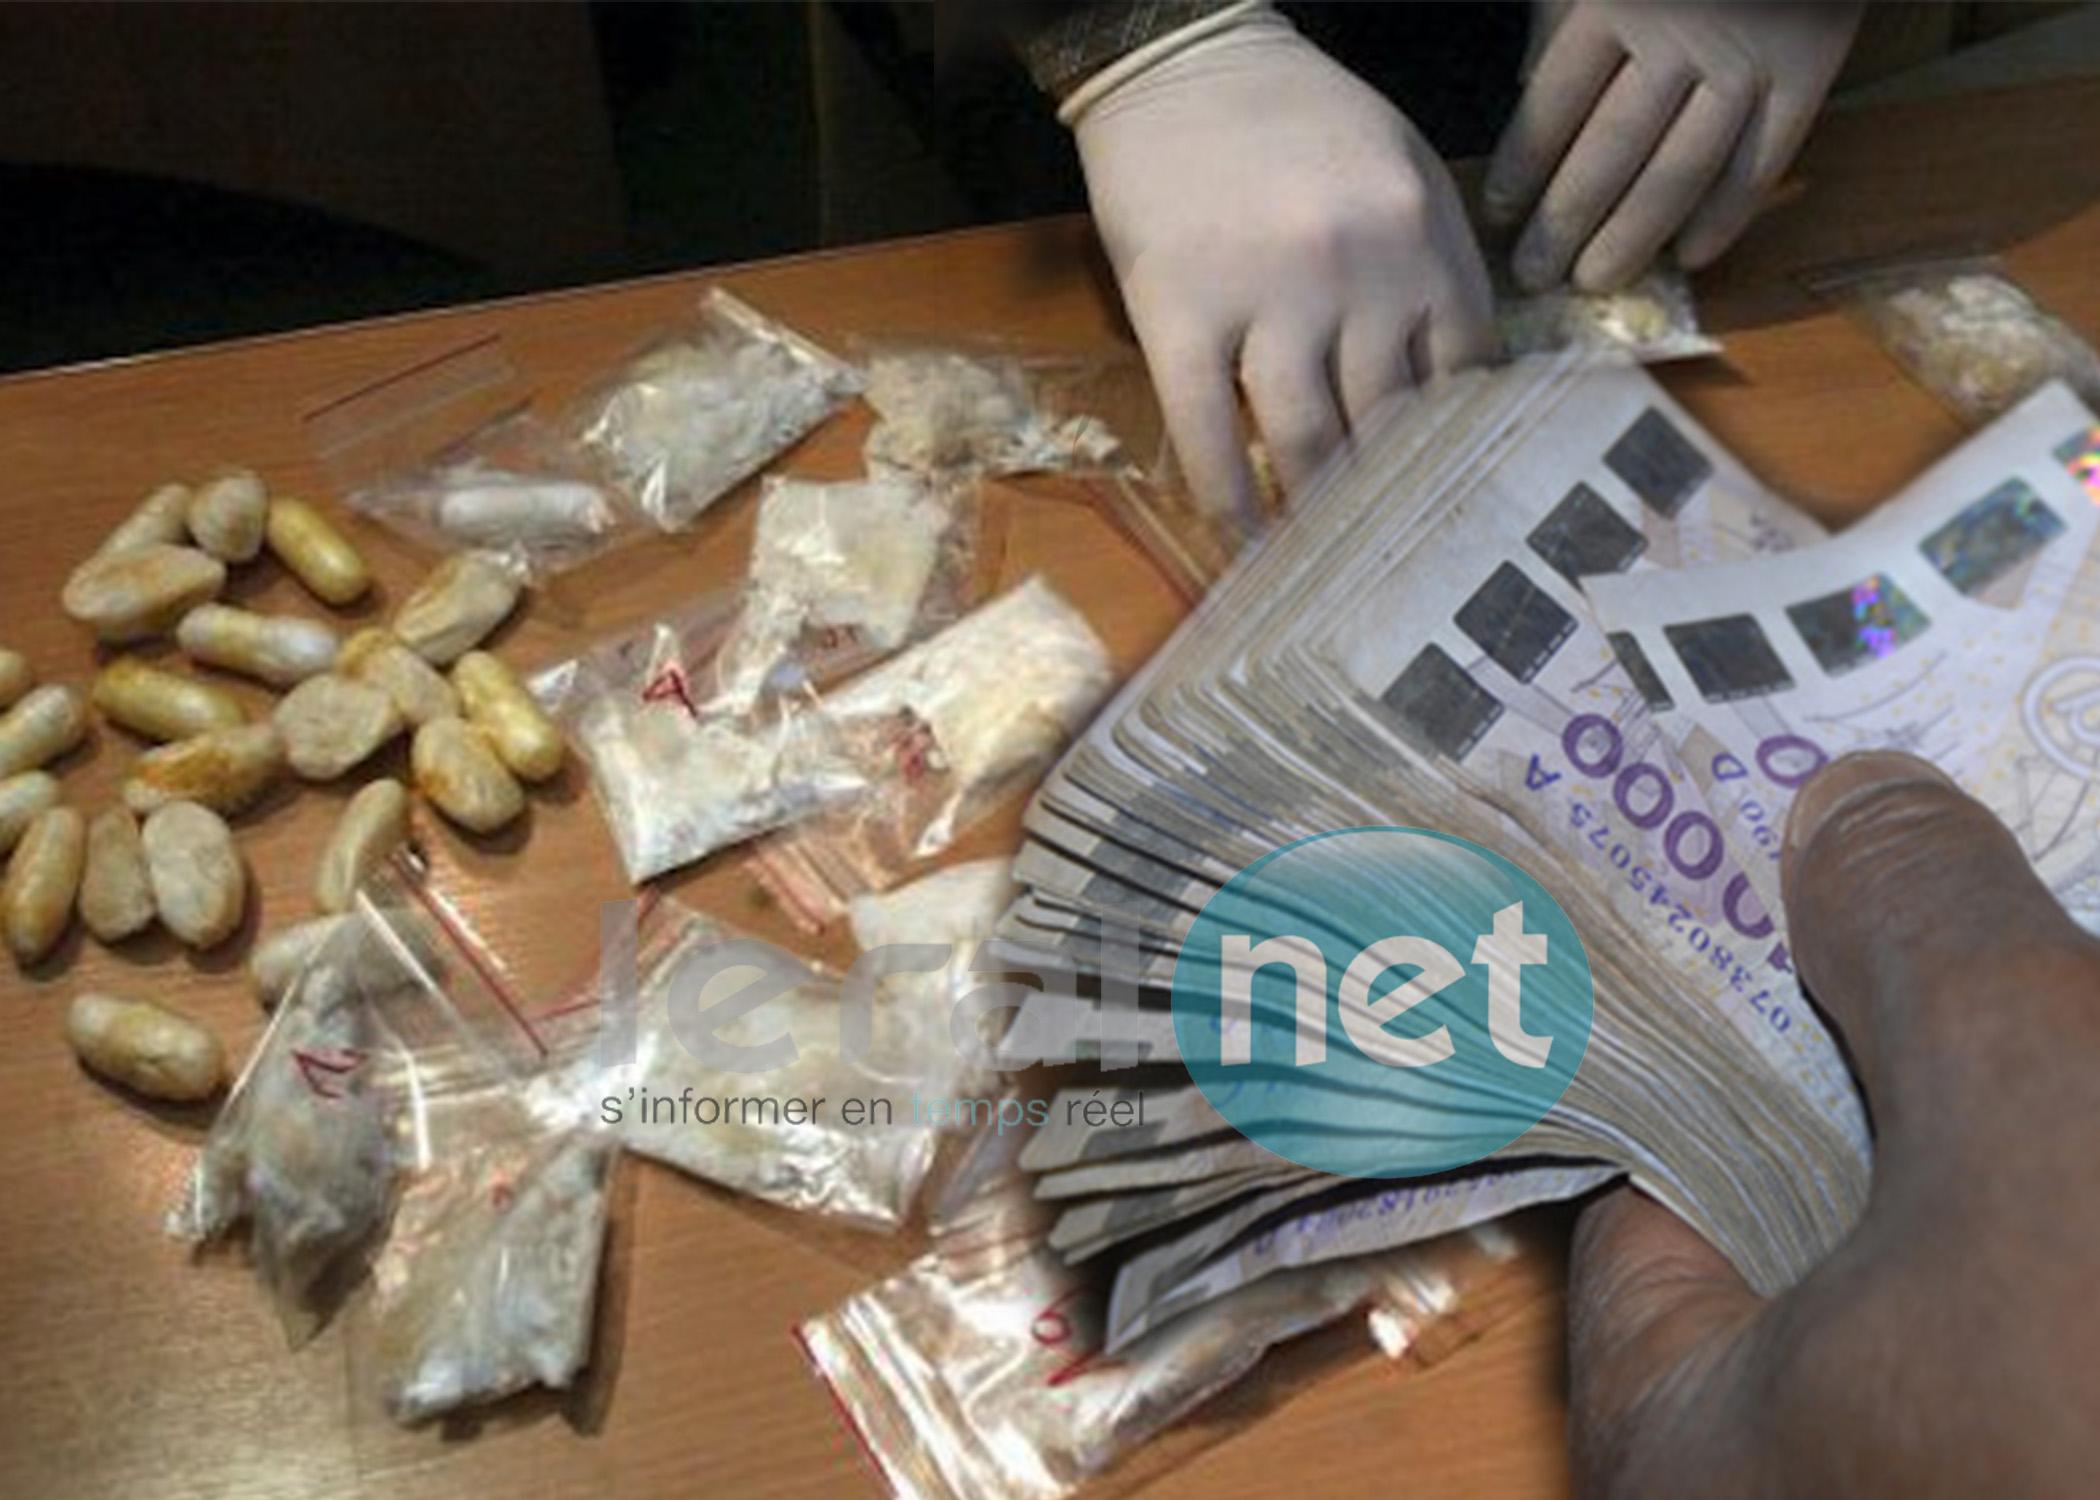 Trafic international de cocaïne et blanchiment de capitaux: L'Ocrtris met fin aux agissements d'un réseau huilé